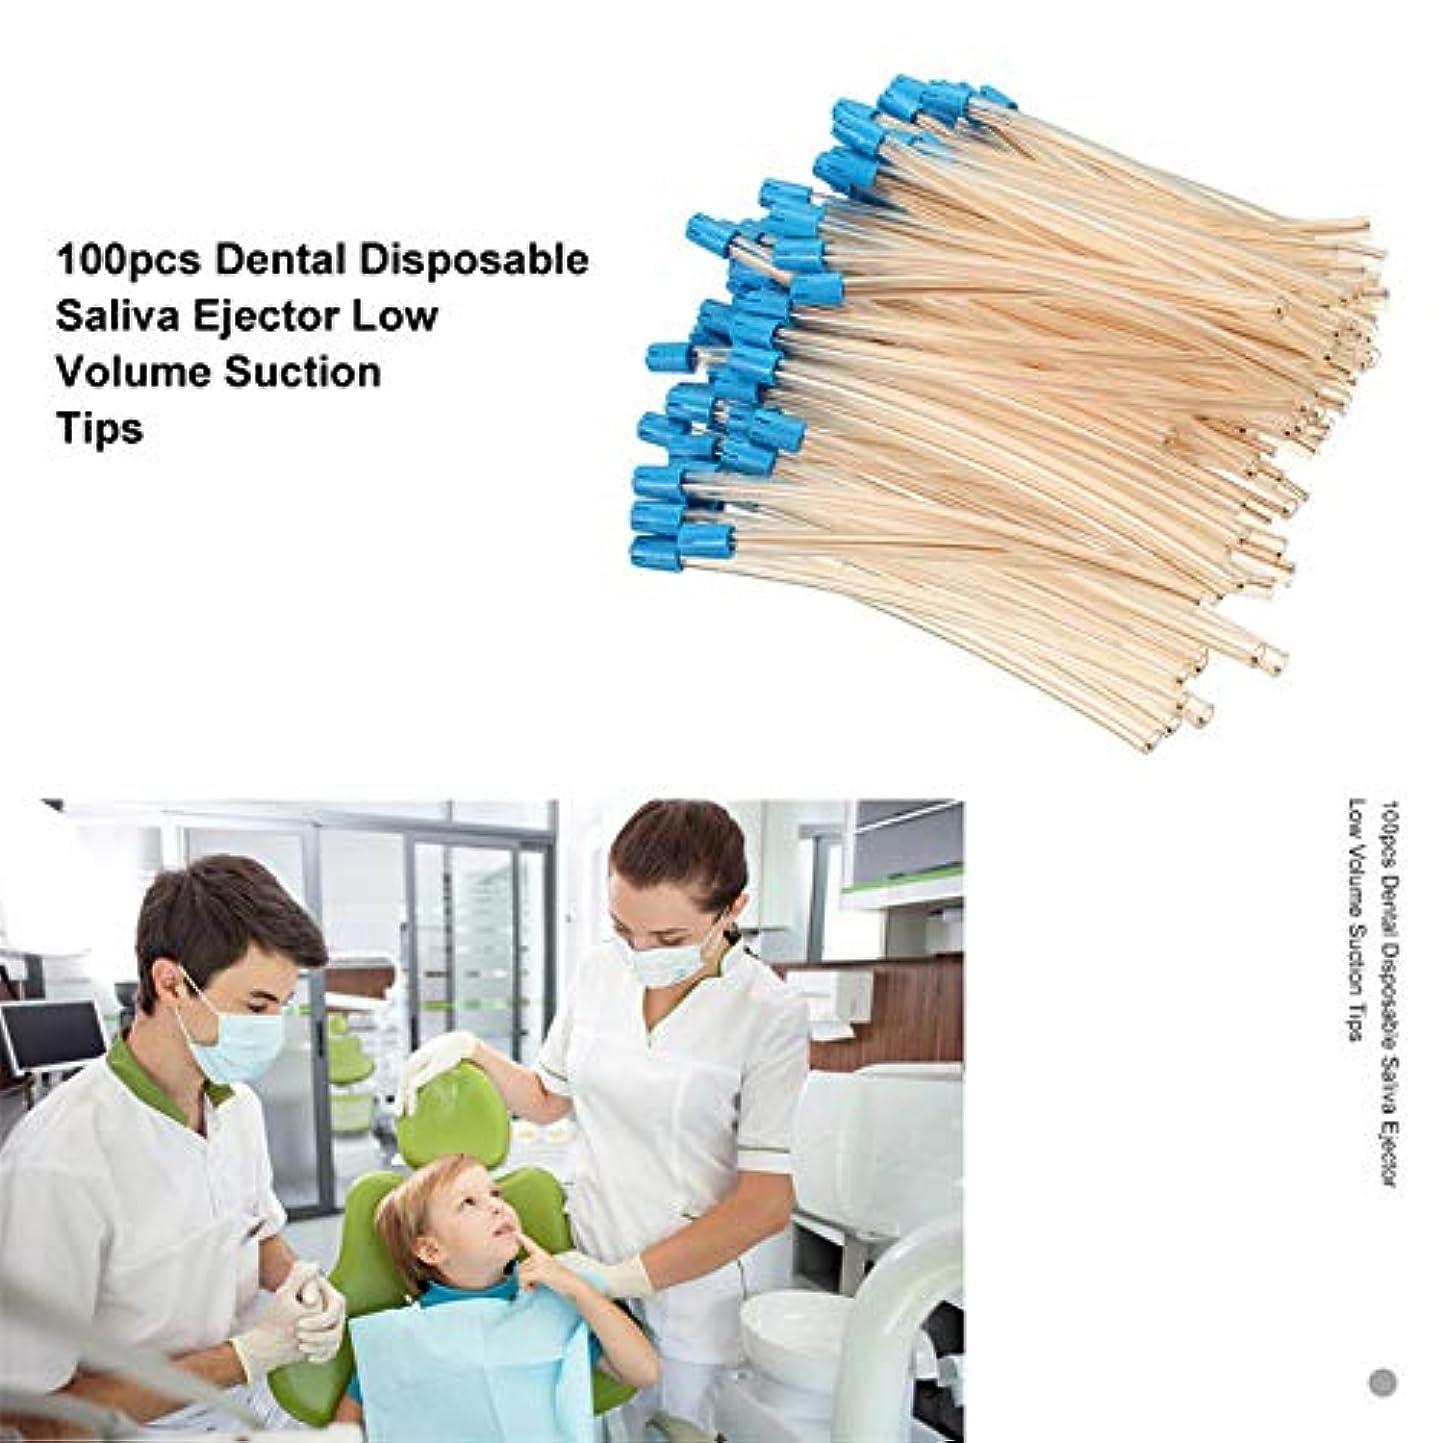 一晩適合更新Rabugoo 100個の歯科用使い捨て唾液エジェクタ低容量吸引チップアスピレータチューブオーラルケアツール